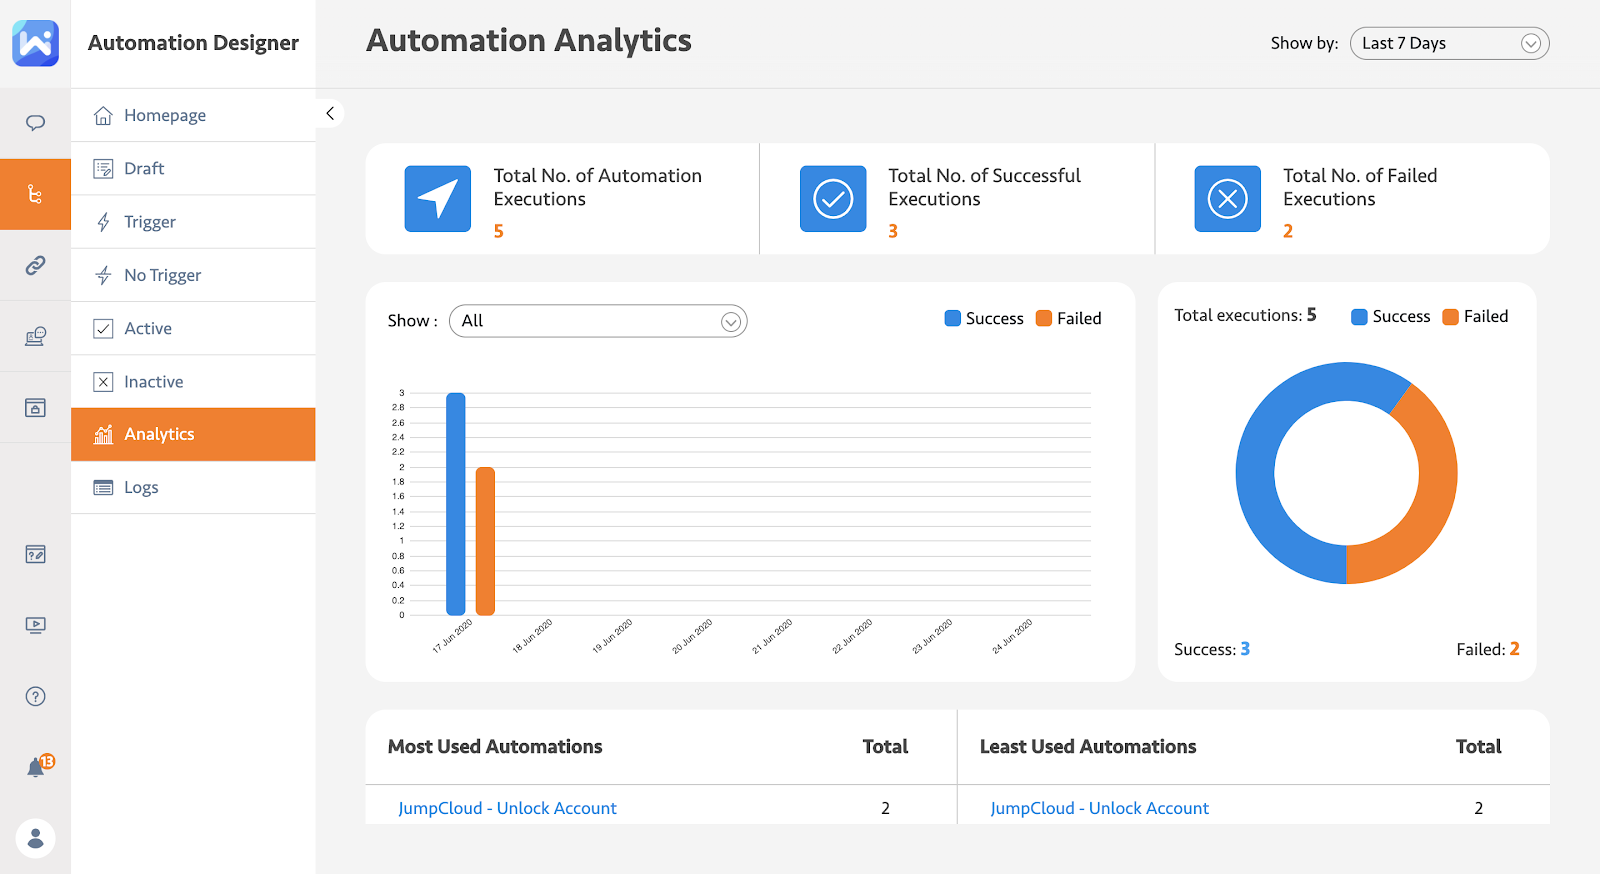 Automation analytics